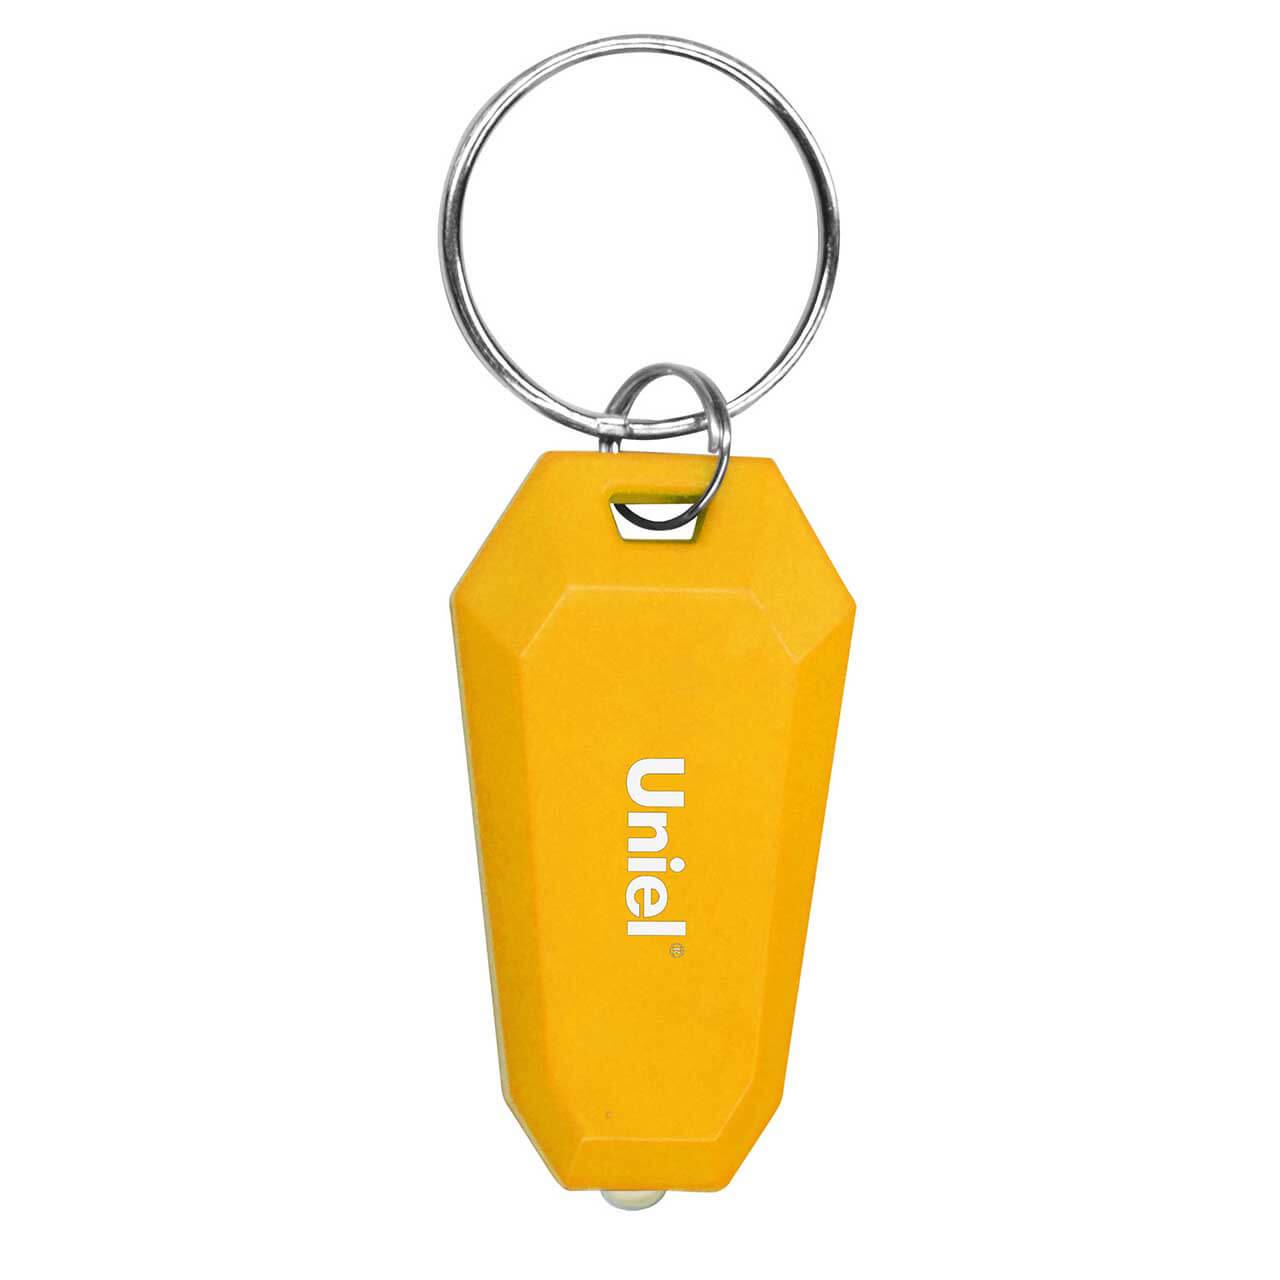 Фонарик Uniel S-KL021-T Yellow Standard Mini фонарь 08789 premium diving – nautilus p wp011 bb yellow uniel 1116587